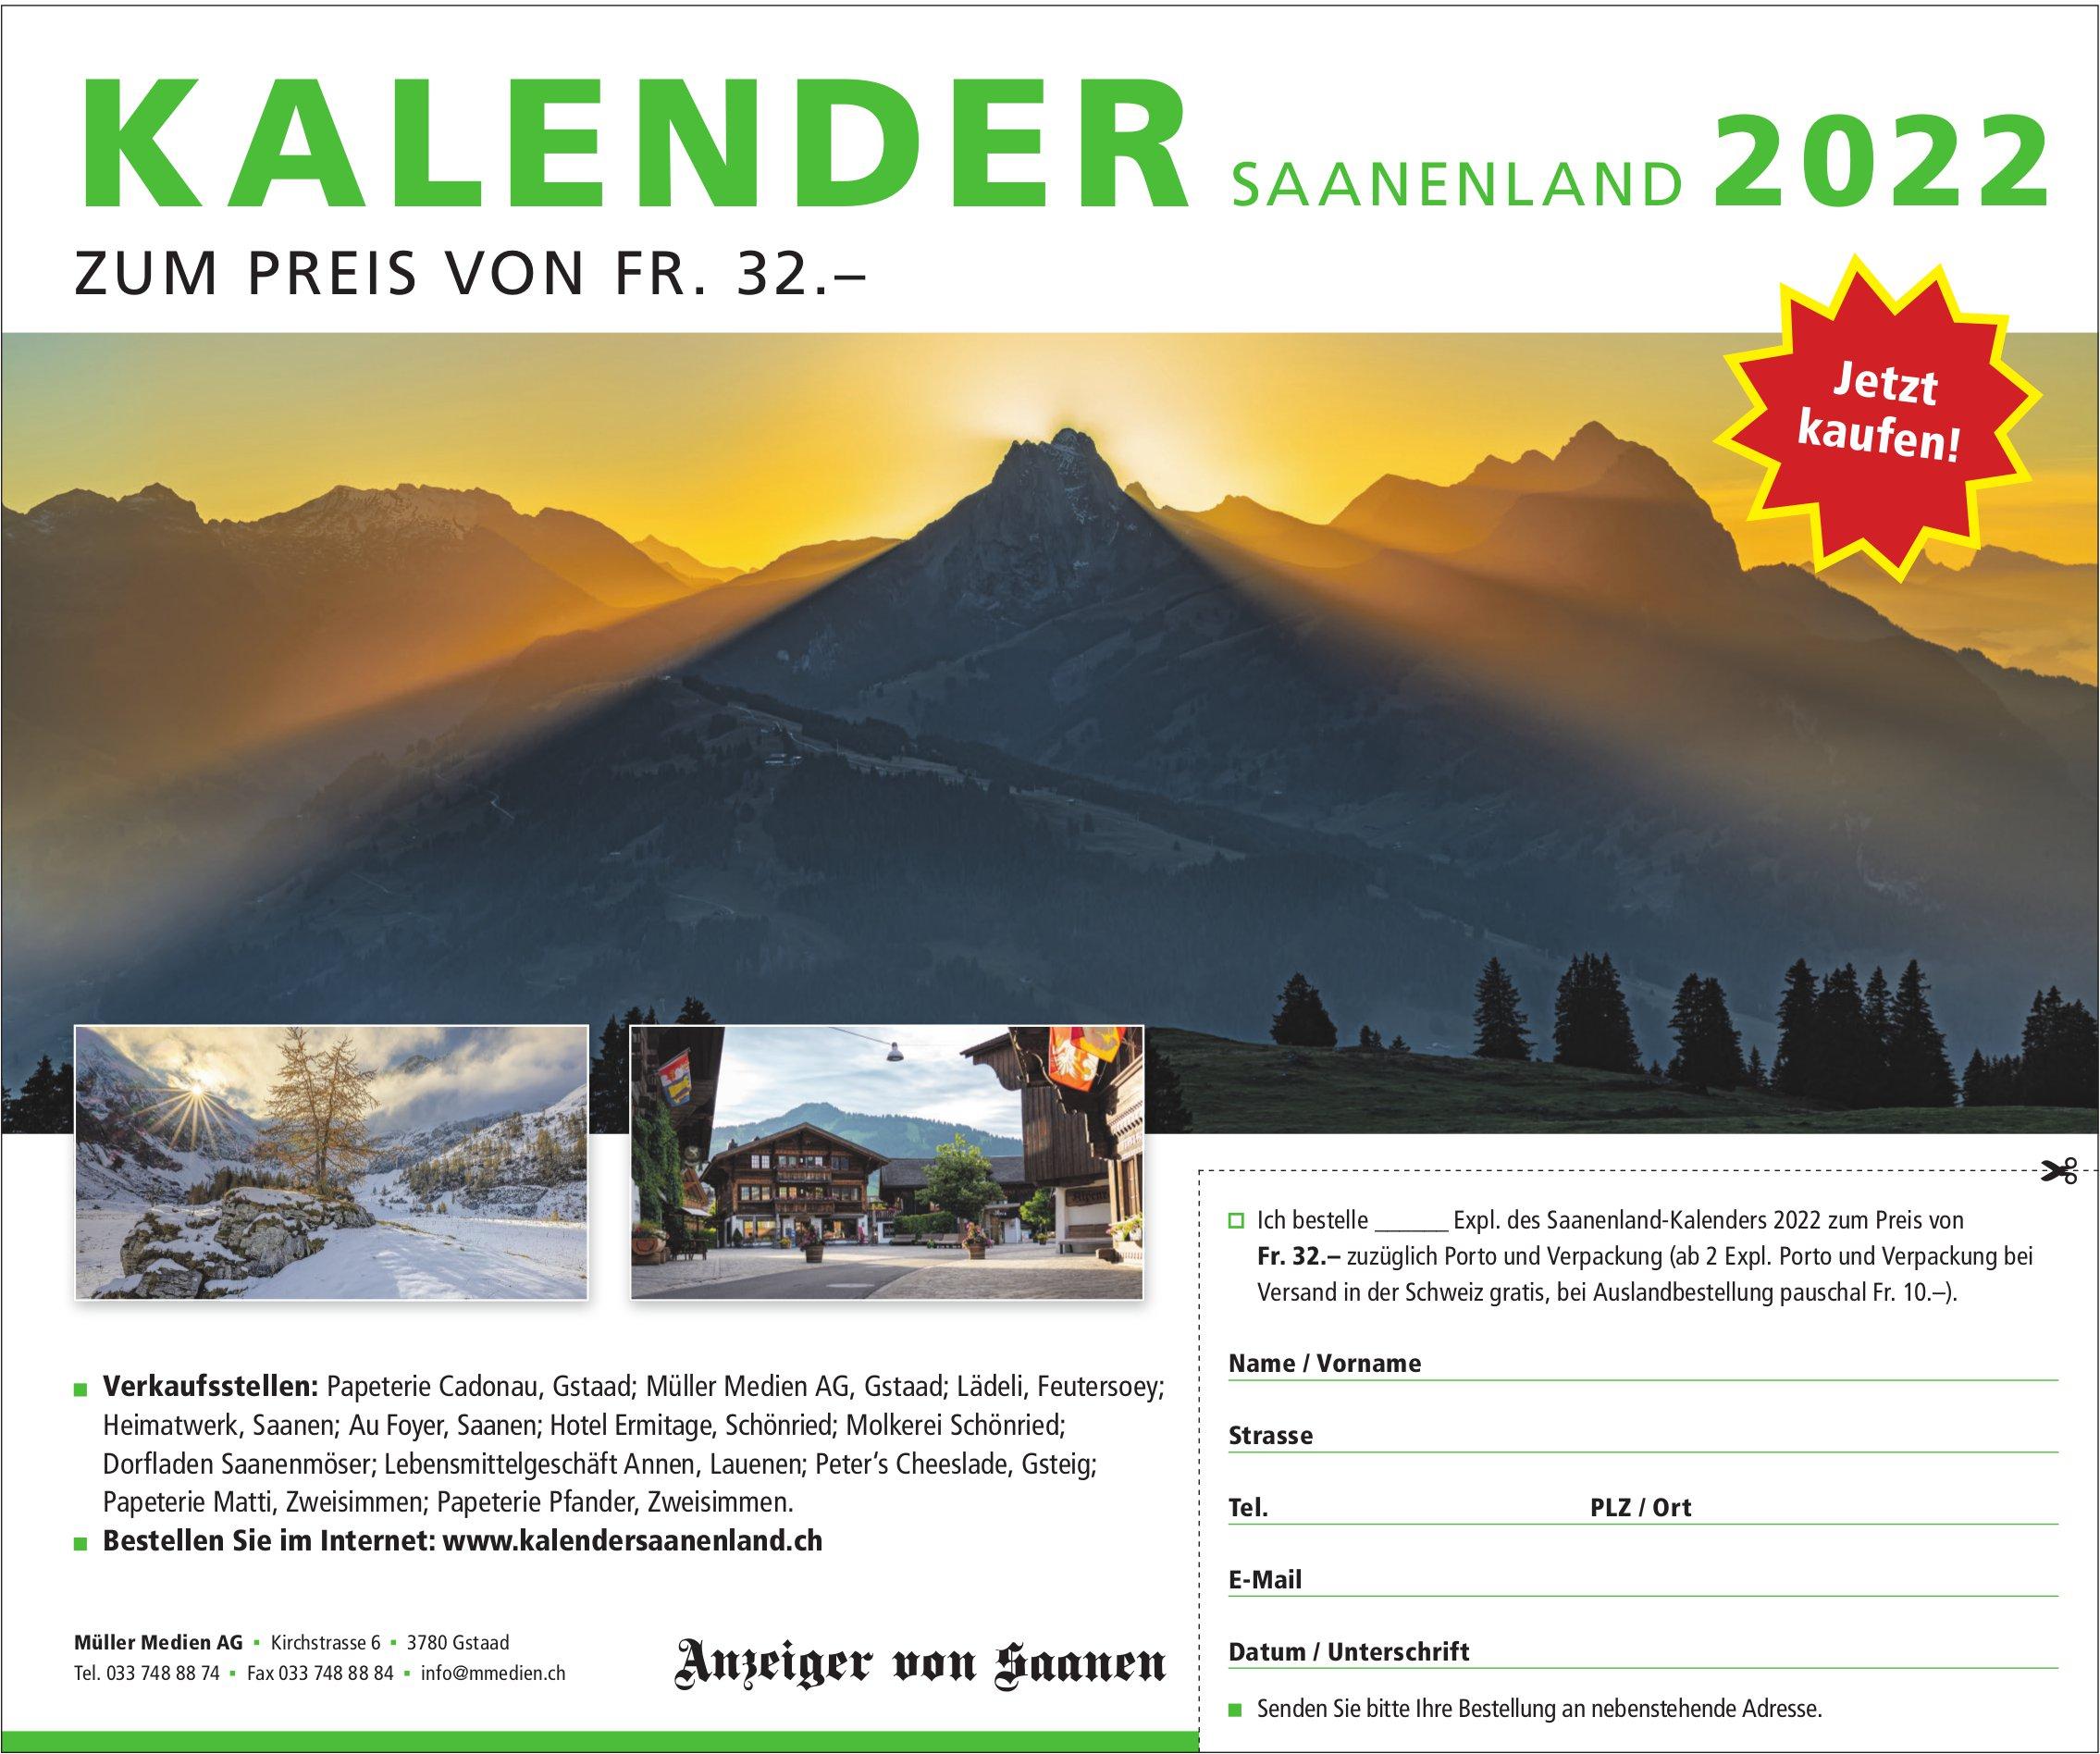 Anzeiger von Saanen, Gstaad - Kalender Saanenland 2022